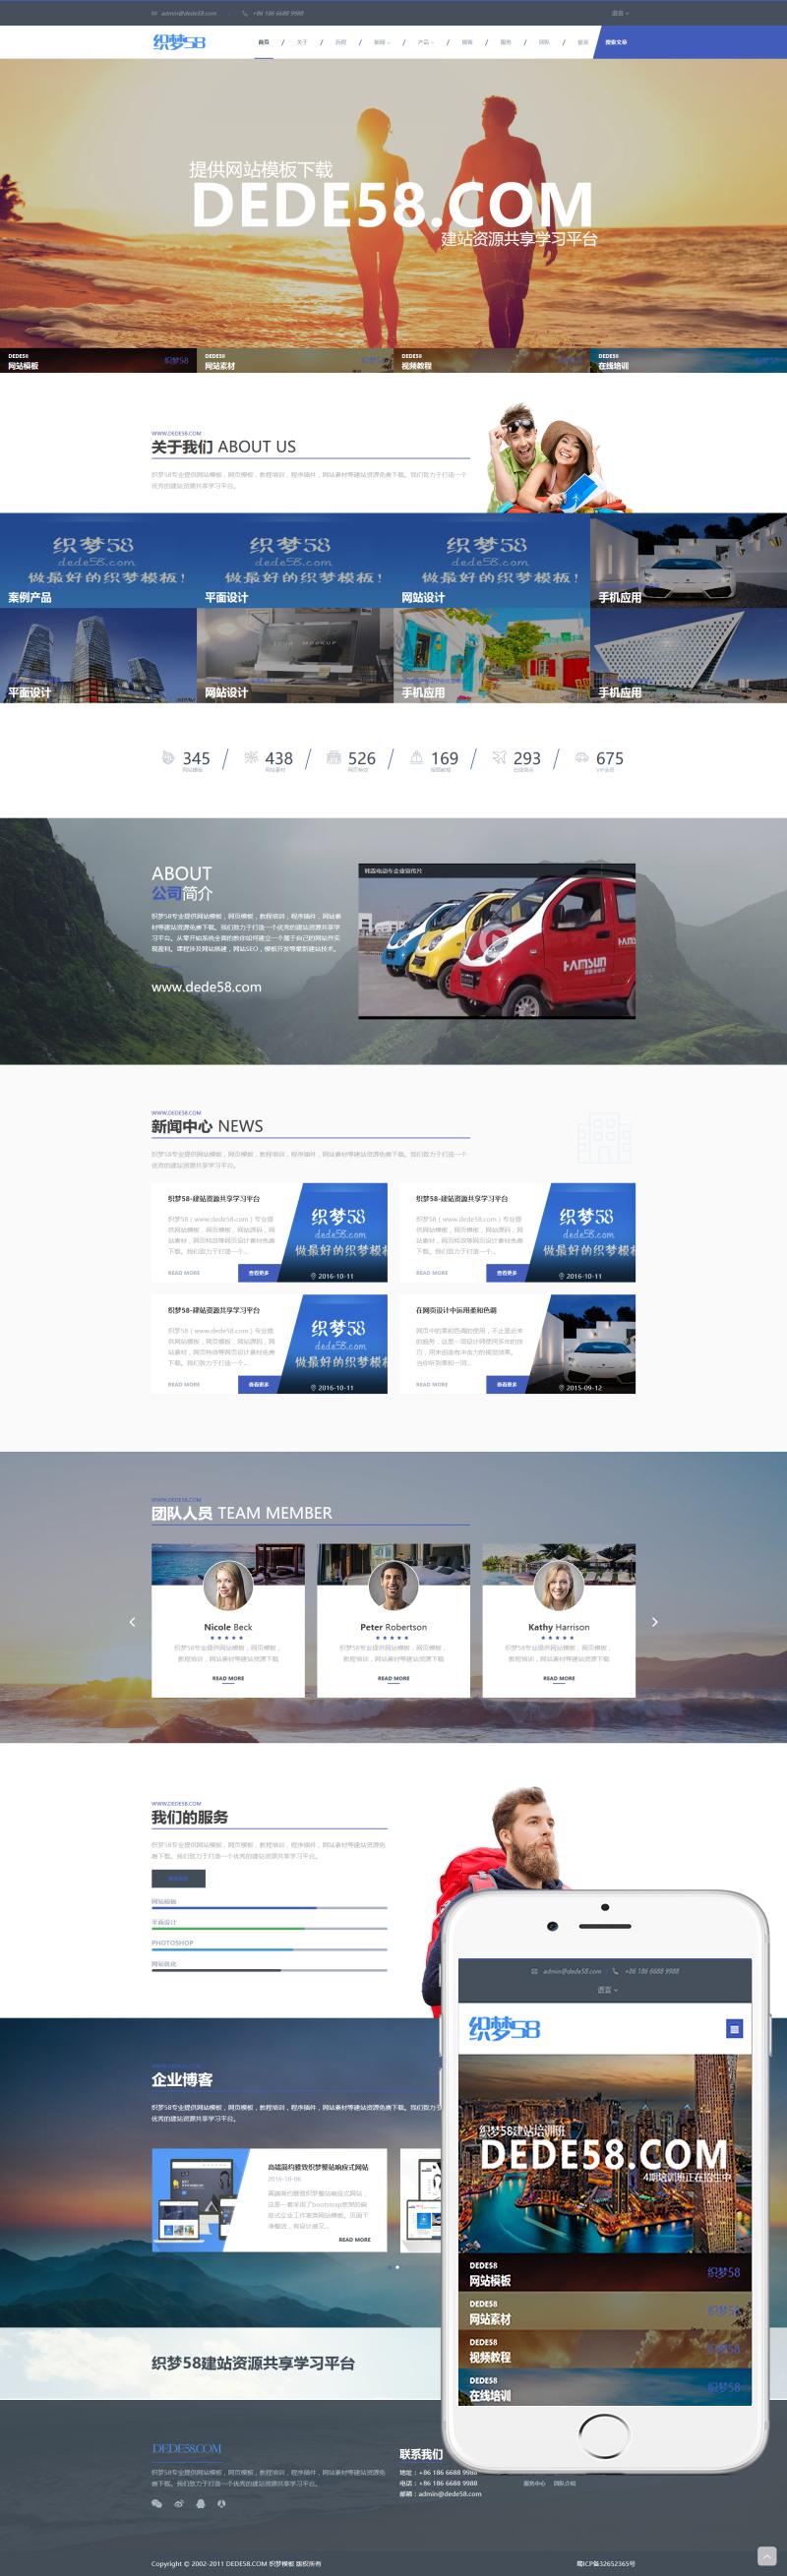 高端响应式自适应自由配色旅游企业织梦dedecms网站模板